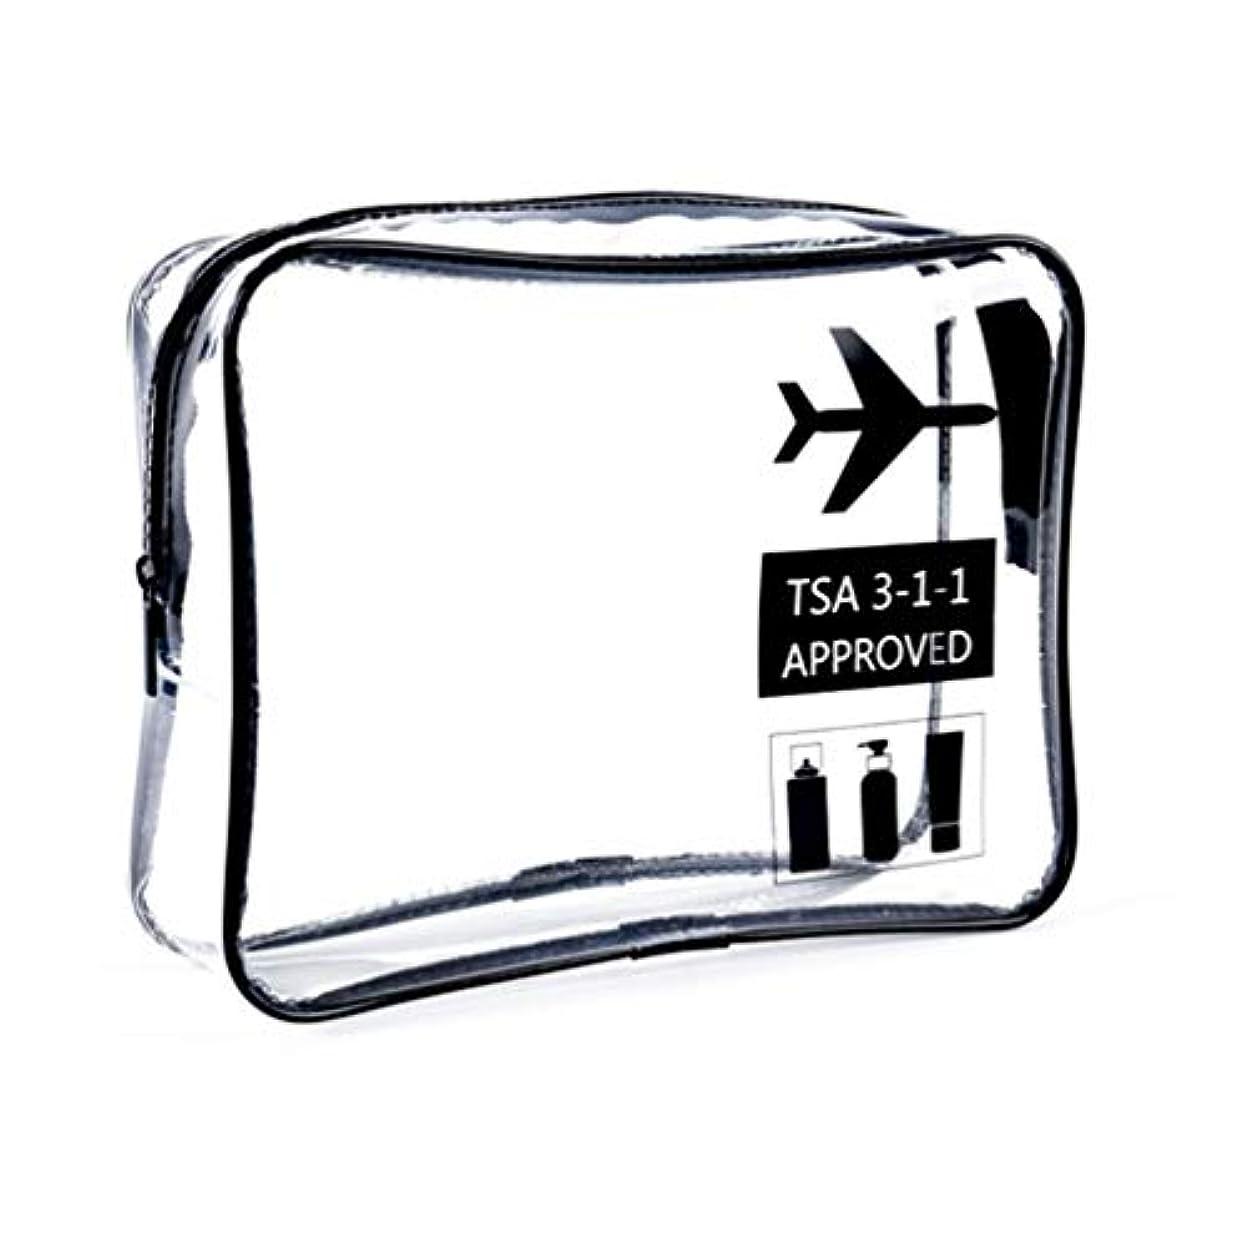 品種純正ビルマ明確な化粧袋、ジッパー旅行貯蔵袋の化粧品の箱が付いている携帯用防水化粧品袋